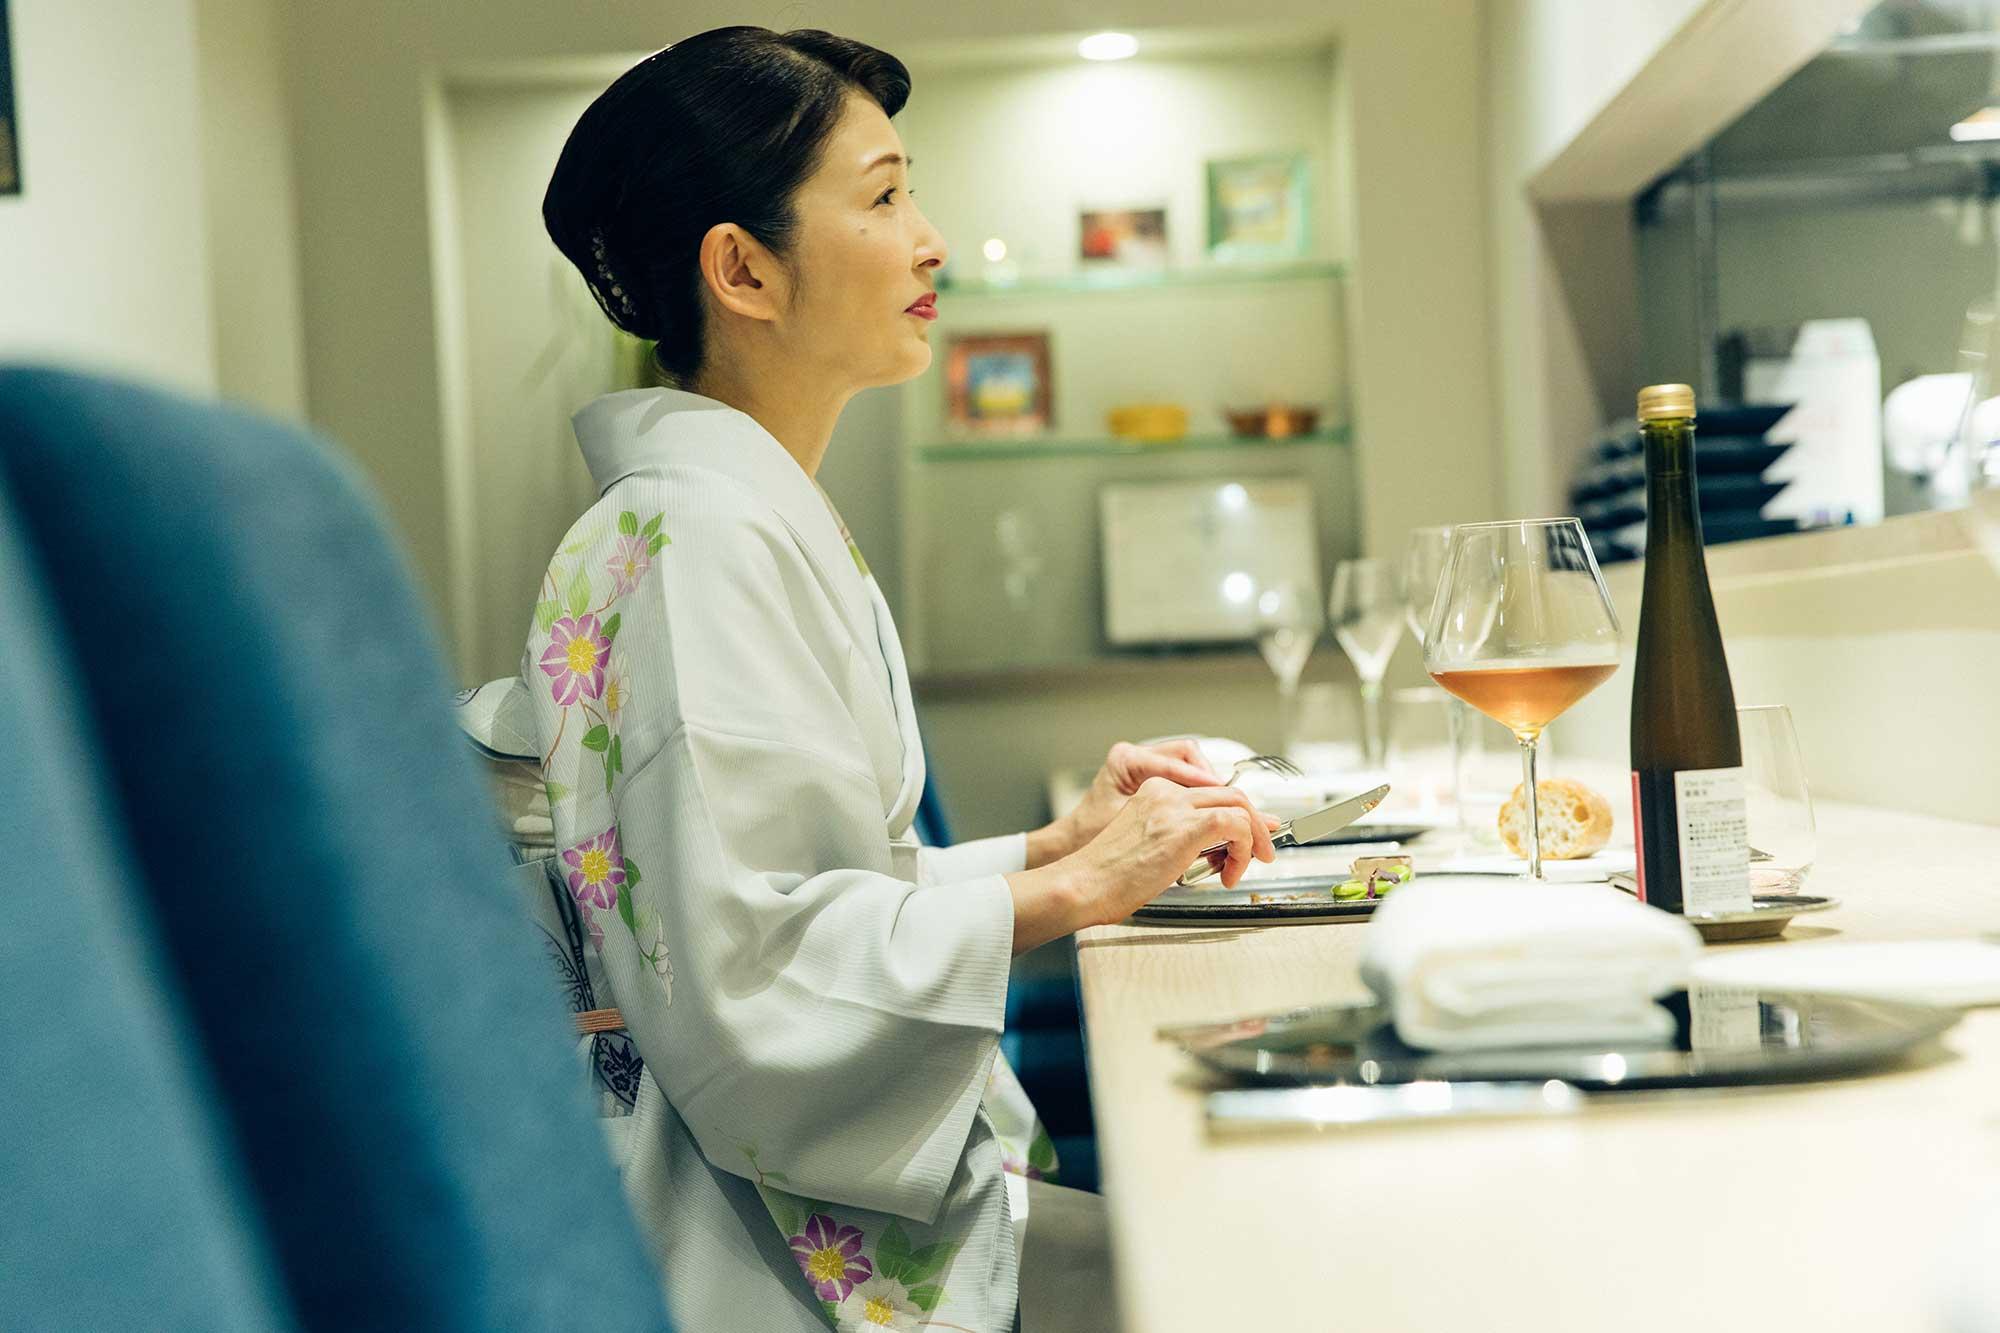 オープンキッチンの高良シェフの動きが望めるカウンターは特等席。北原さんは興味津々。